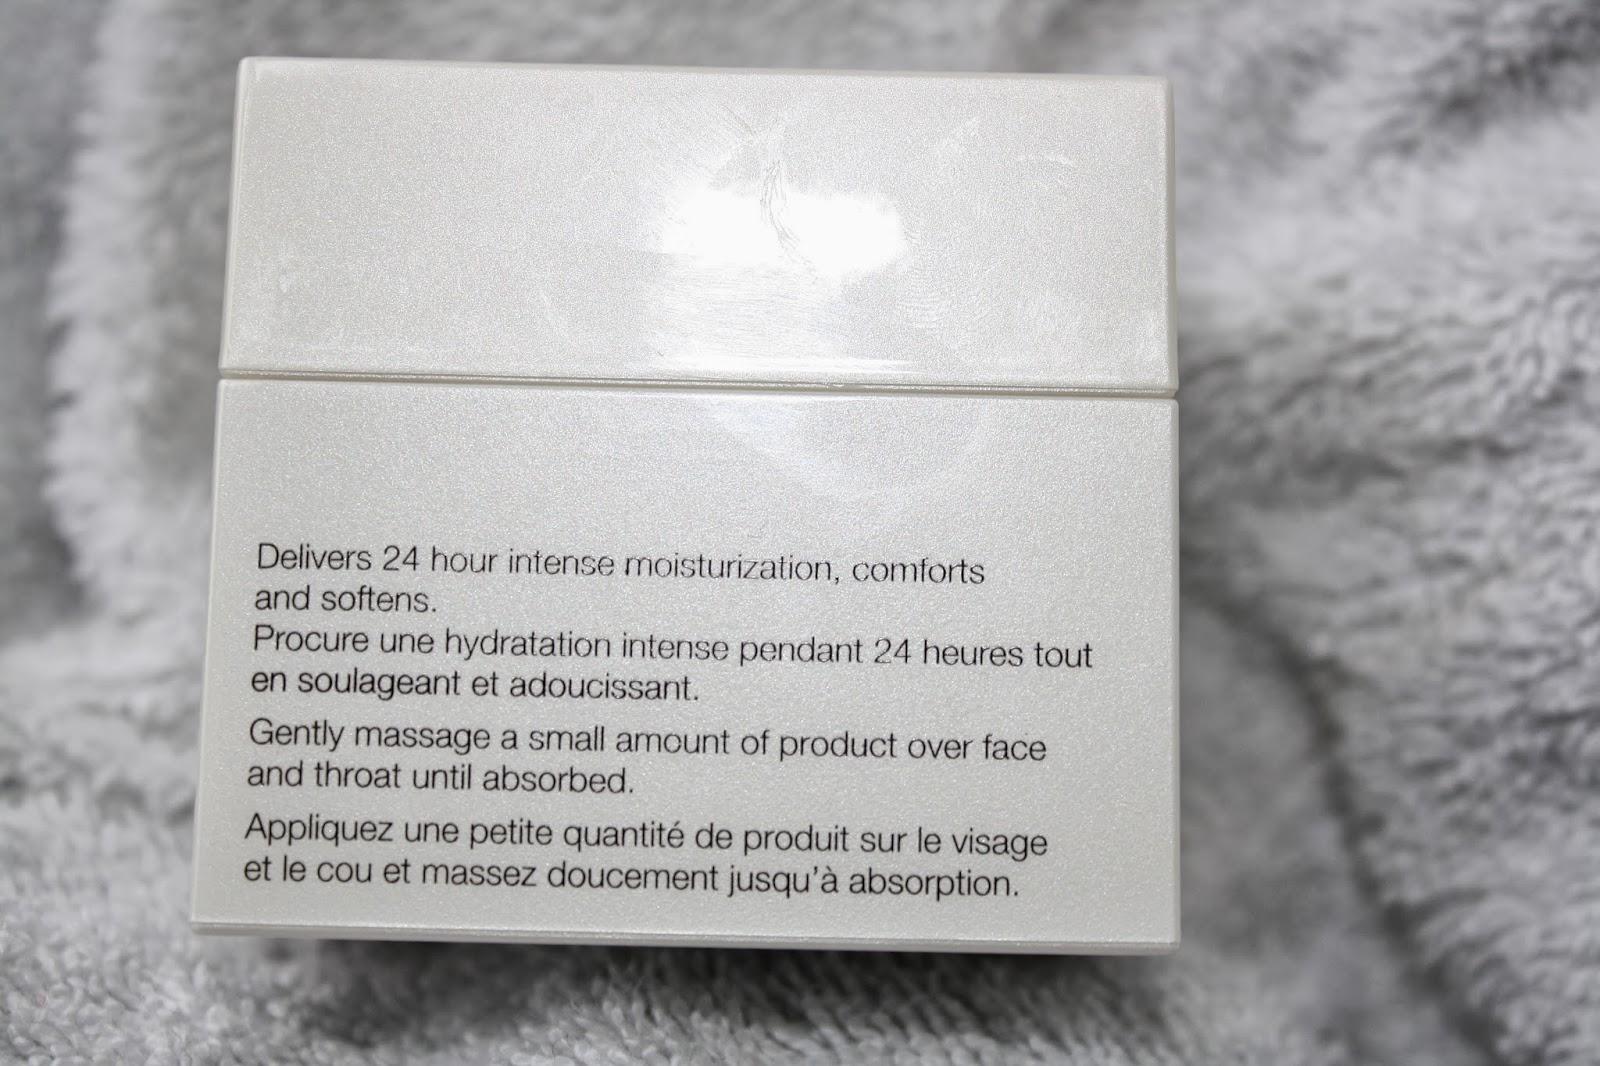 Nars Luminous Moisture Cream instructions